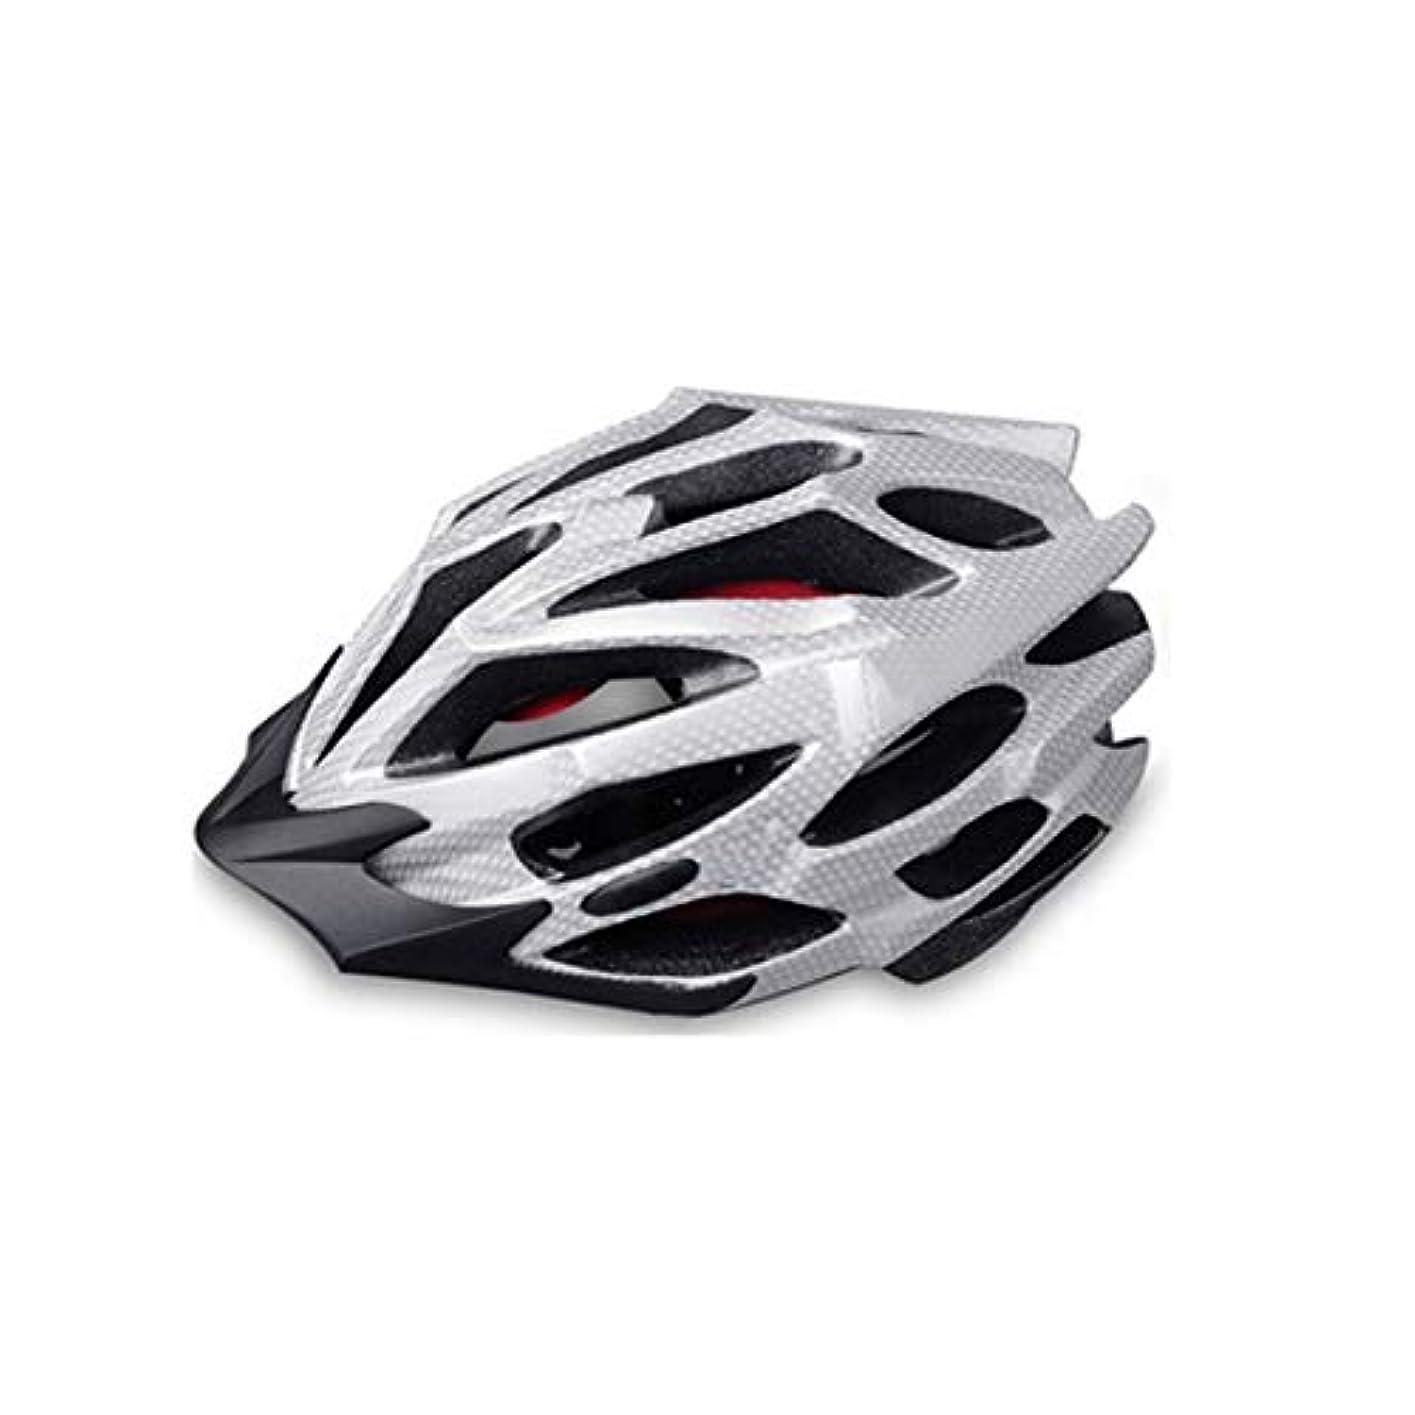 ライオンモール鷲CQIANG マウンテンバイクなどのスポーツに適した気流自転車用ヘルメット、頭囲に適したもの:58-61cm、青、赤、白、銀 ComfortSafety